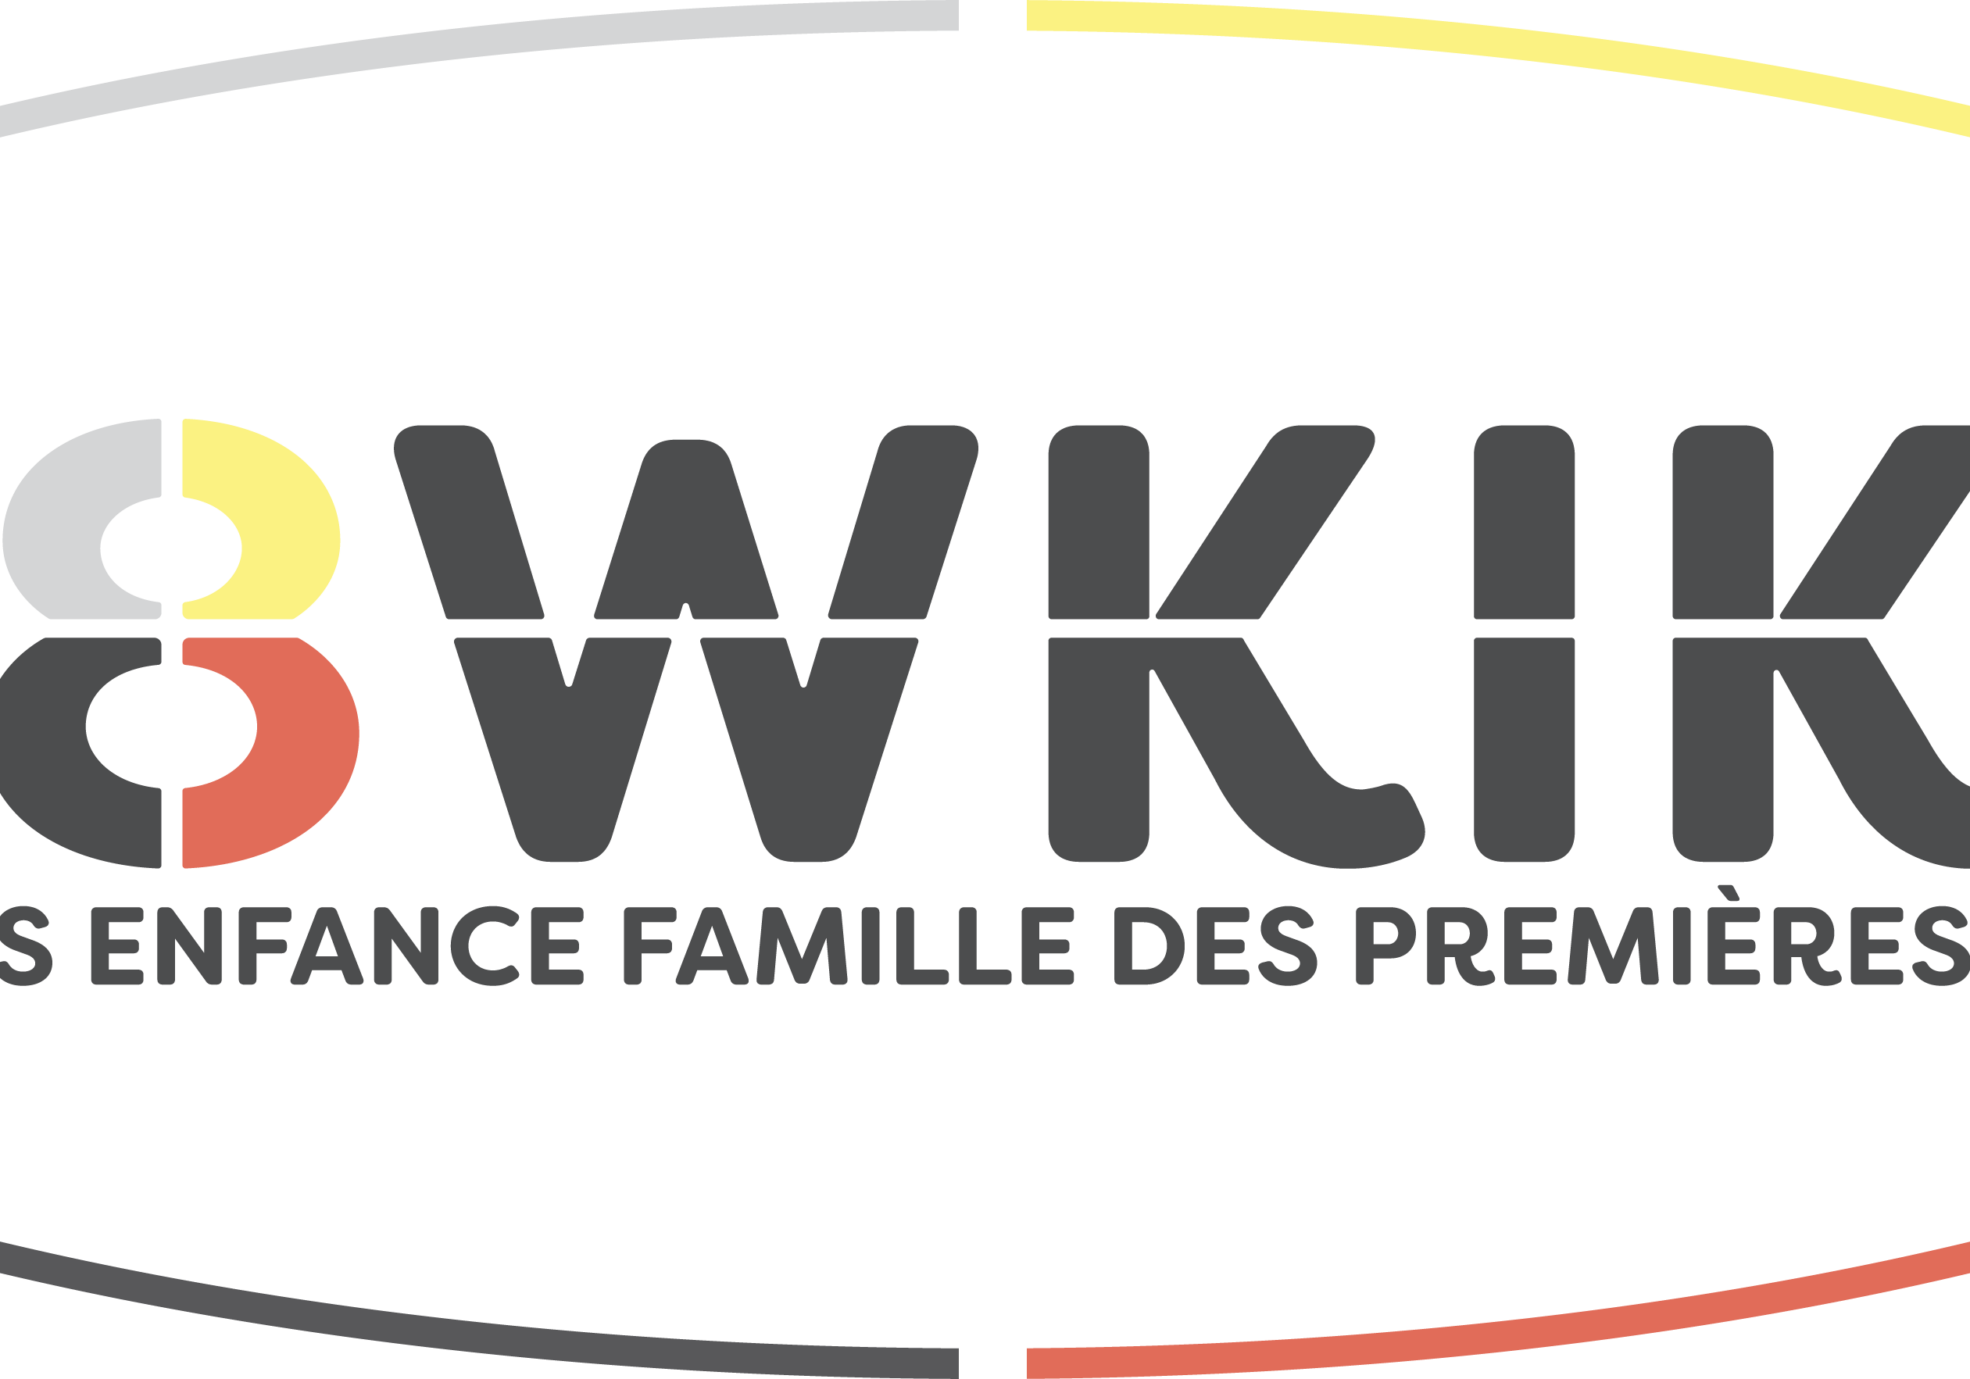 logo_n8wkika-1